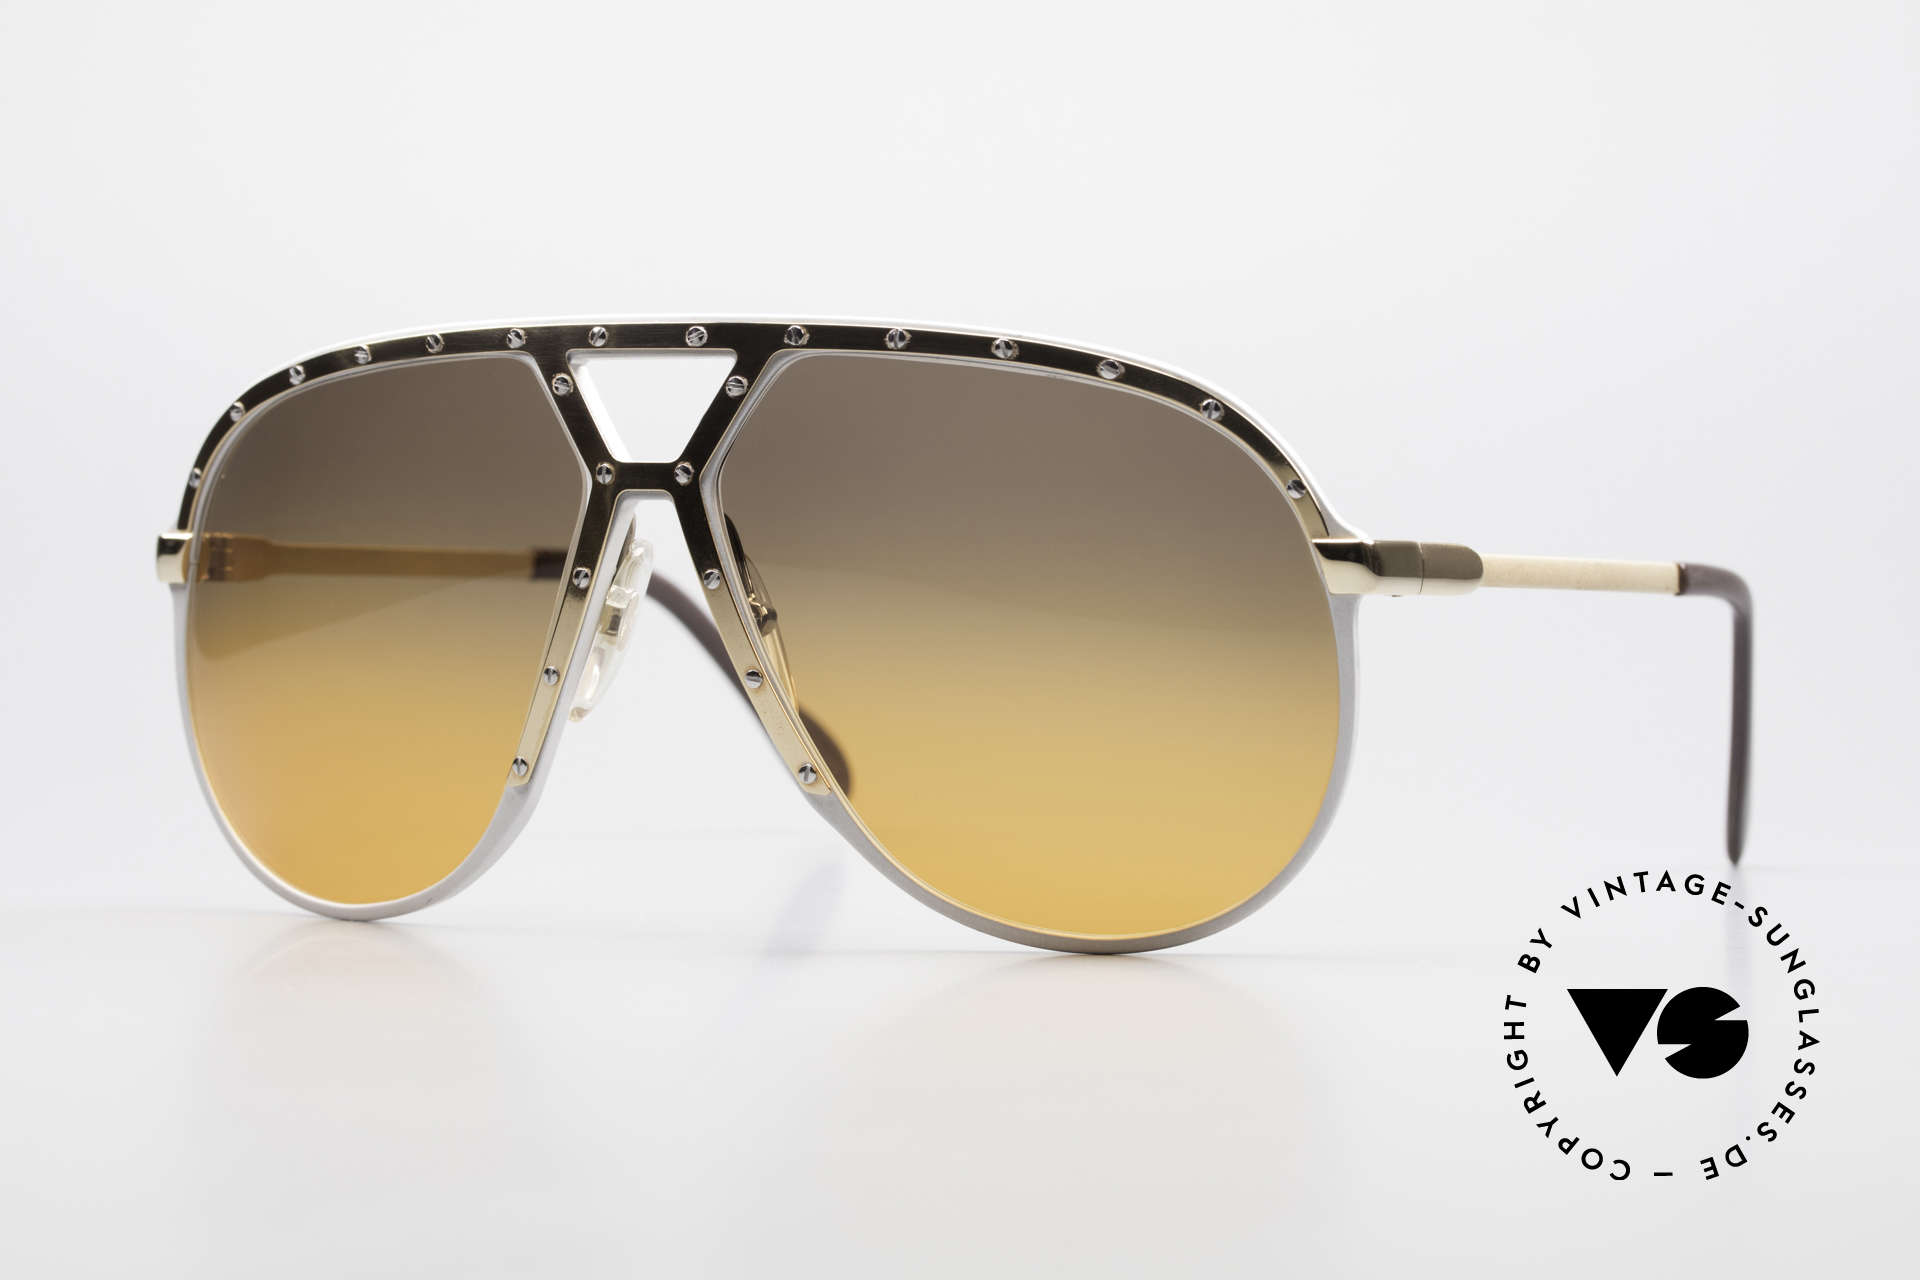 Alpina M1 Customized 80er Sonnenbrille, alte Alpina M1: 80er West Germany Sonnenbrille, Passend für Herren